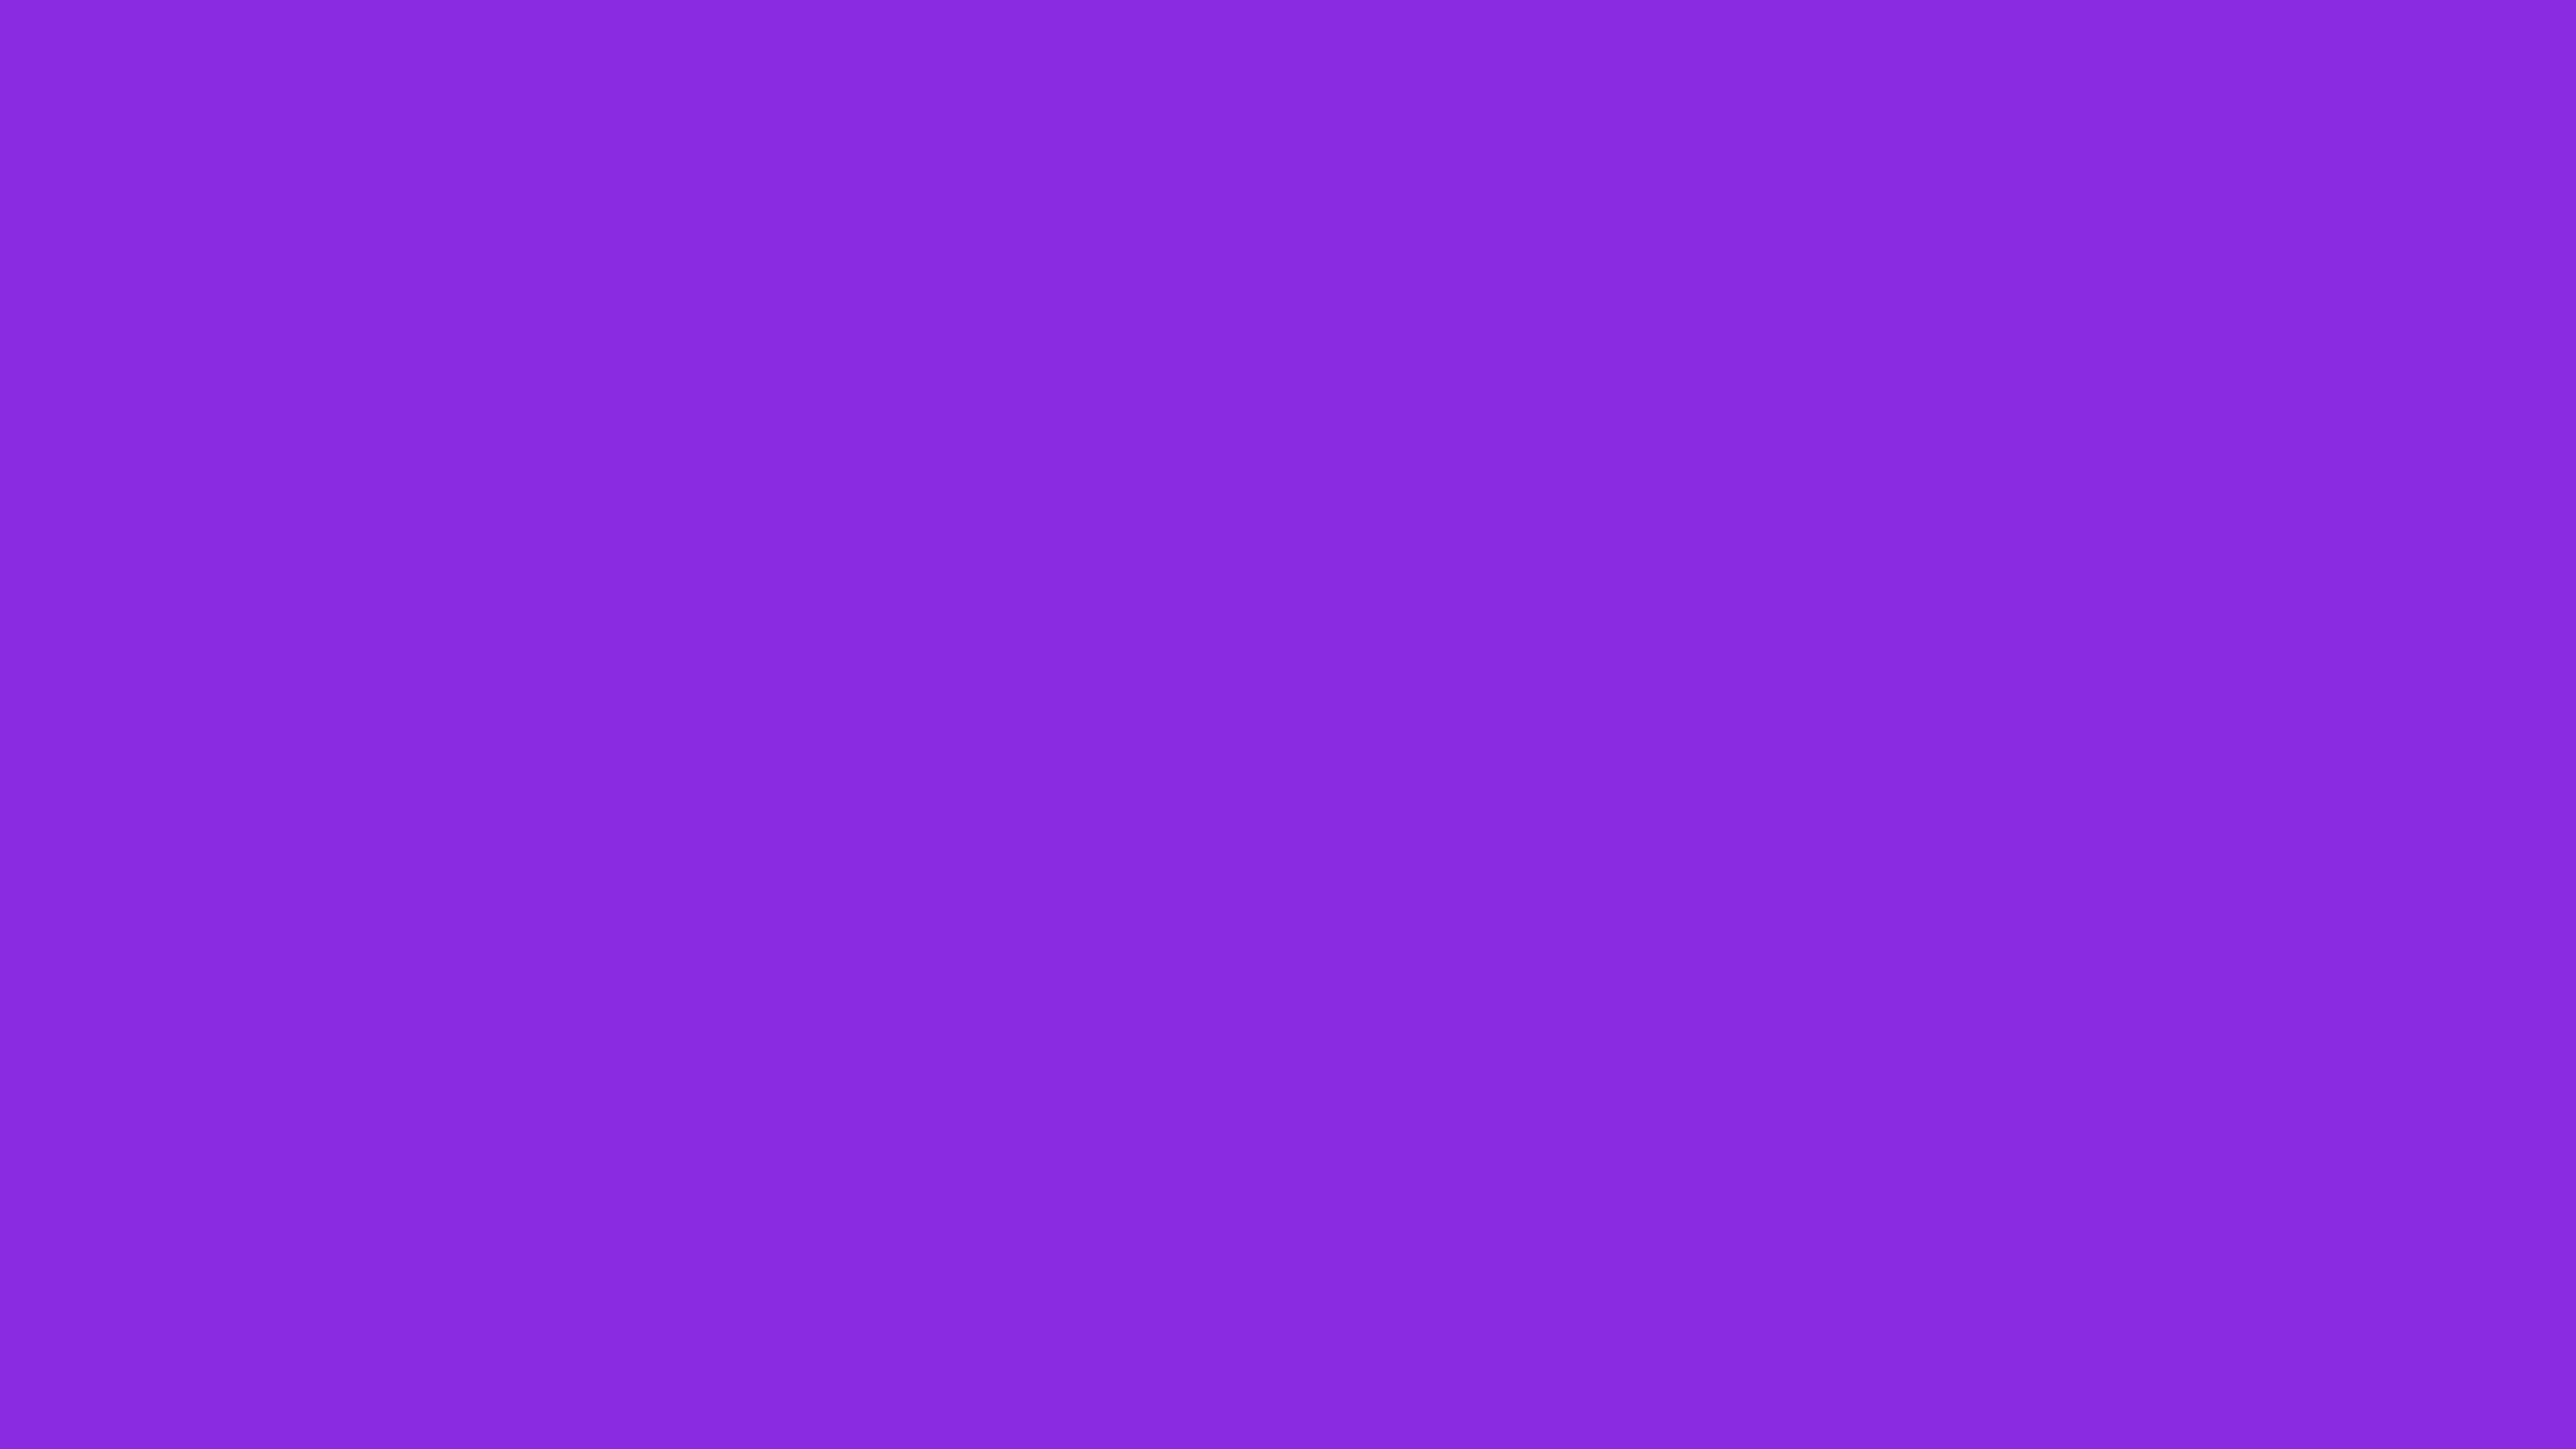 3840x2160 Blue-violet Solid Color Background